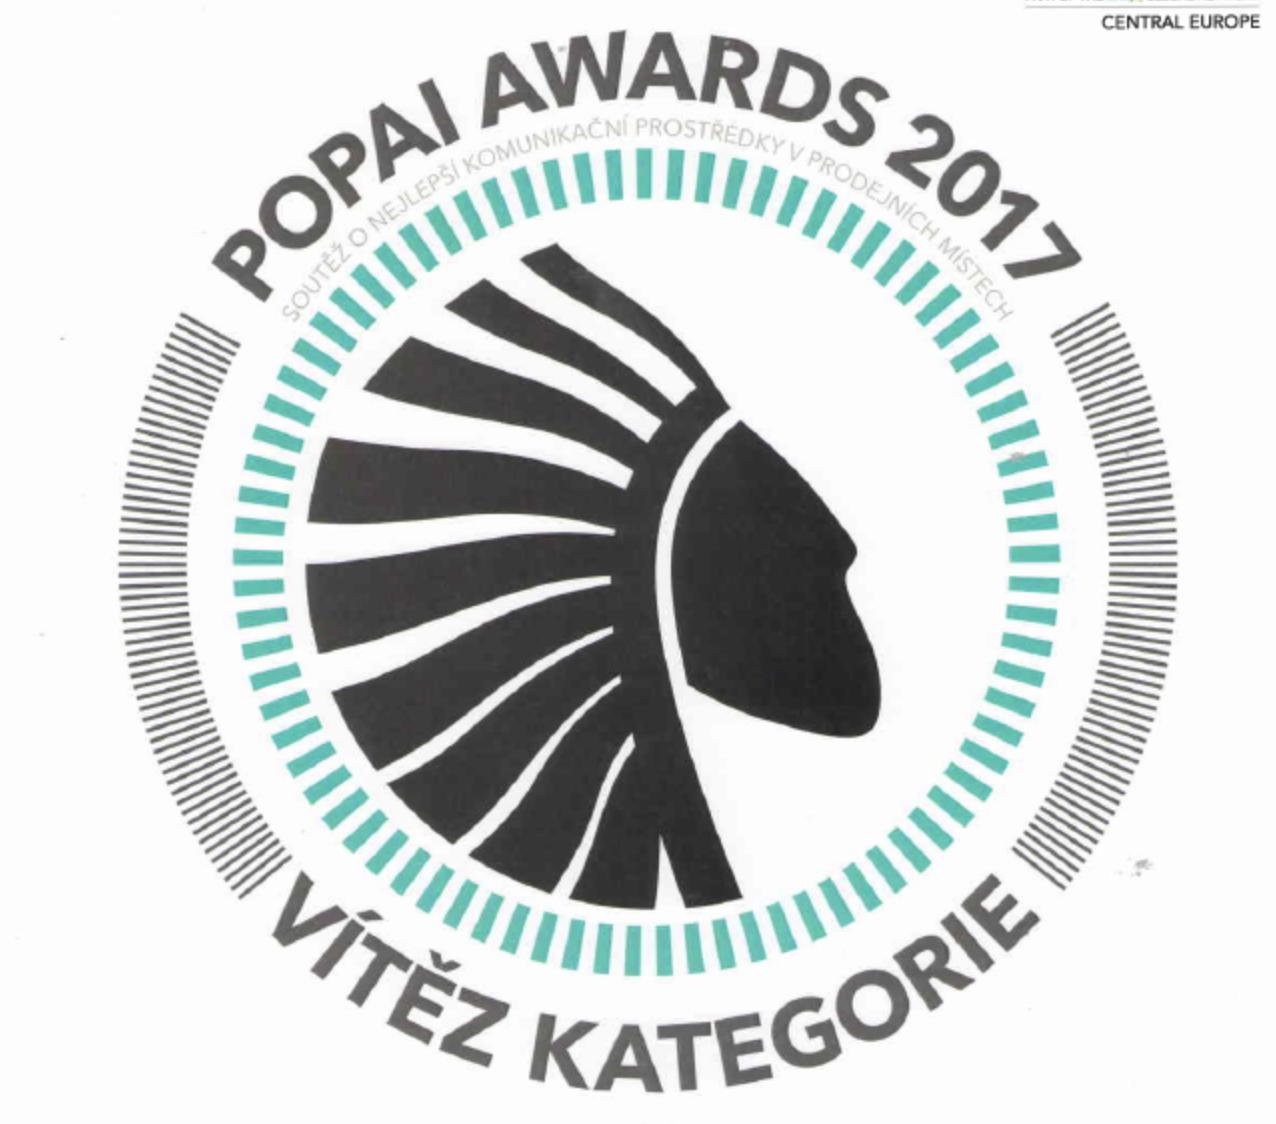 European Popai Award kategorie POS